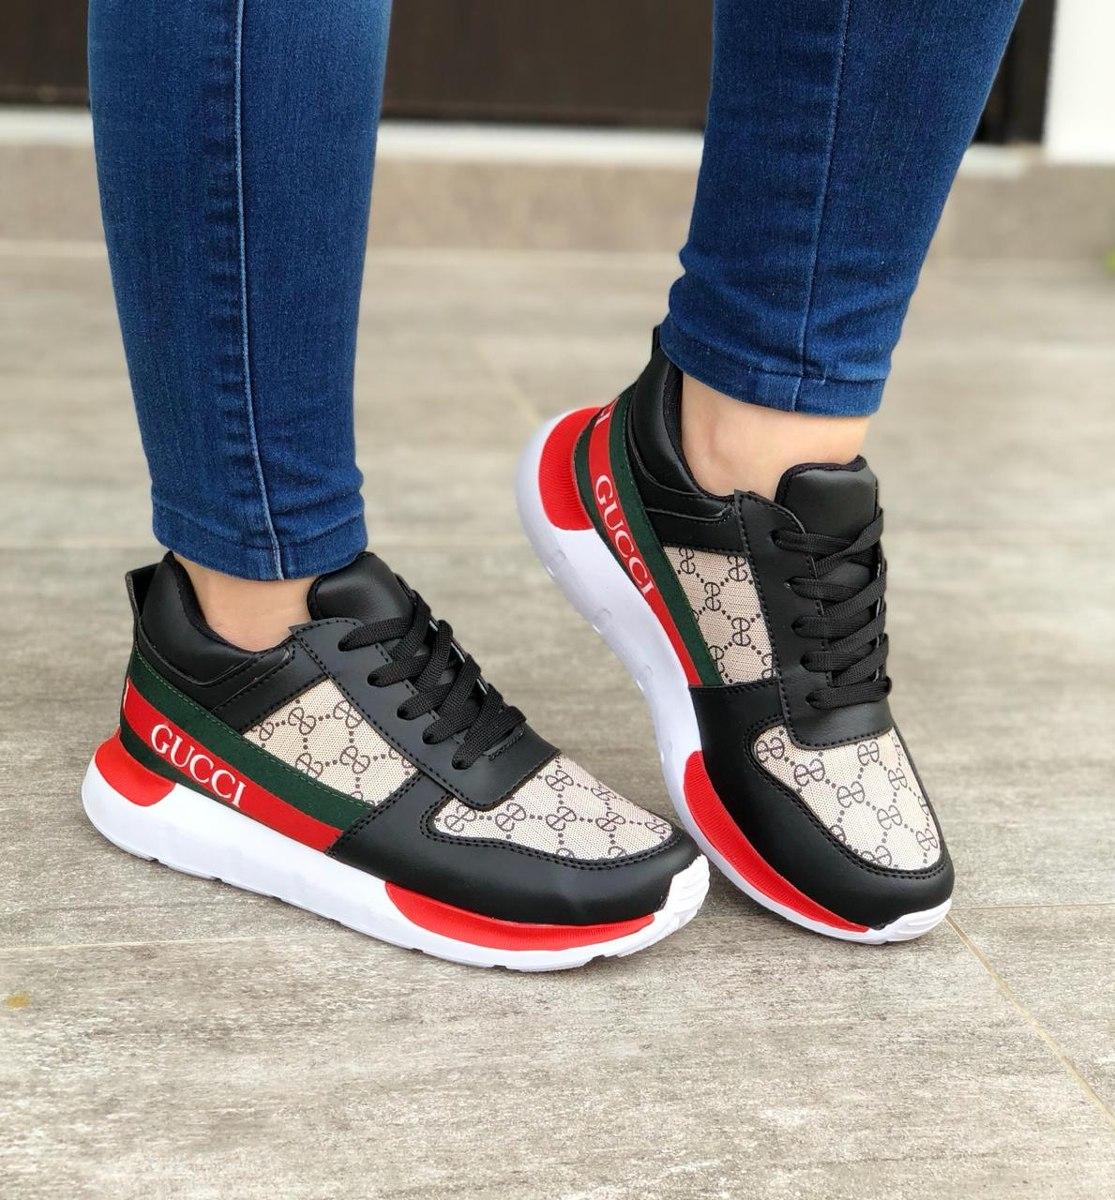 8431a10250a28 Zapatos Casuales Para Damas Bellos + Envío Gratis -   70.000 en ...